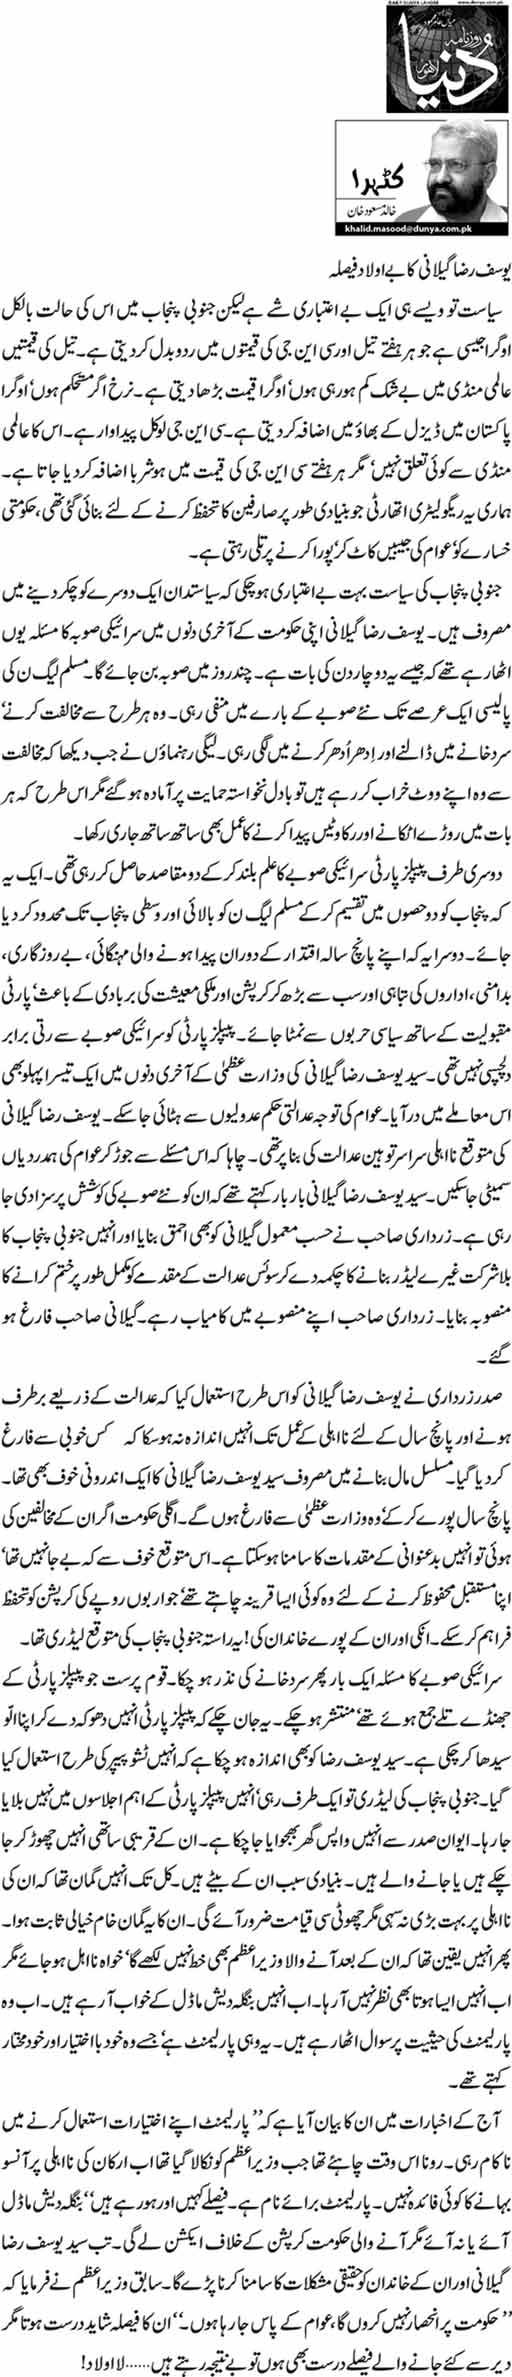 Yousaf Raza Gilani ka be aulaad faisla - Khalid Masood Khan